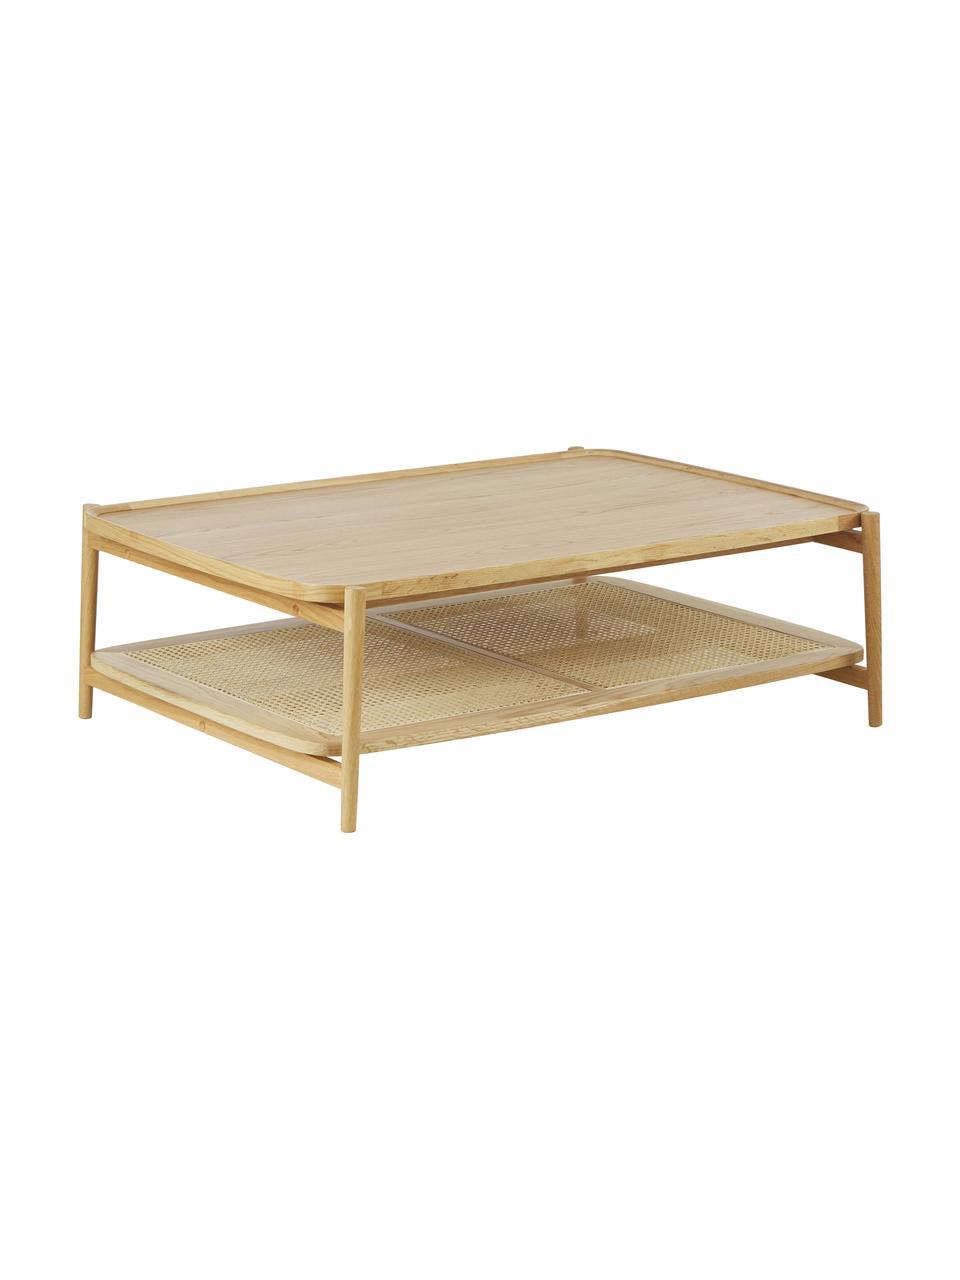 Comodino in legno di quercia con intreccio viennese Libby, Ripiano: rattan, Struttura: legno massiccio di querci, Marrone chiaro, beige, Larg. 110 x Alt. 35 cm